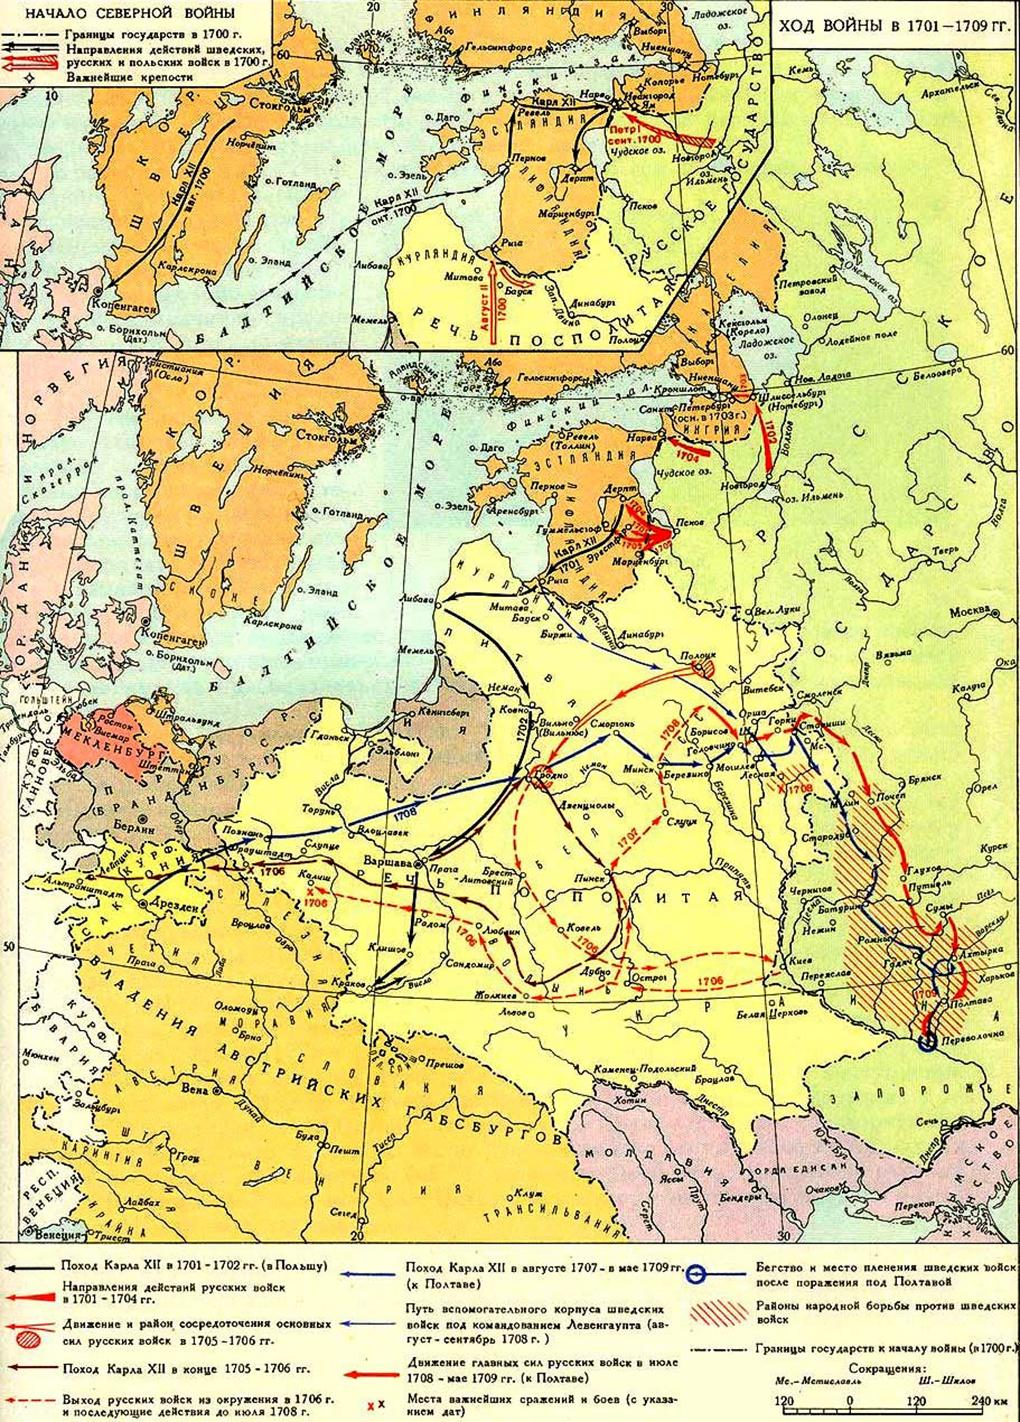 Карта боевых действий в 1700 — 1709 гг.